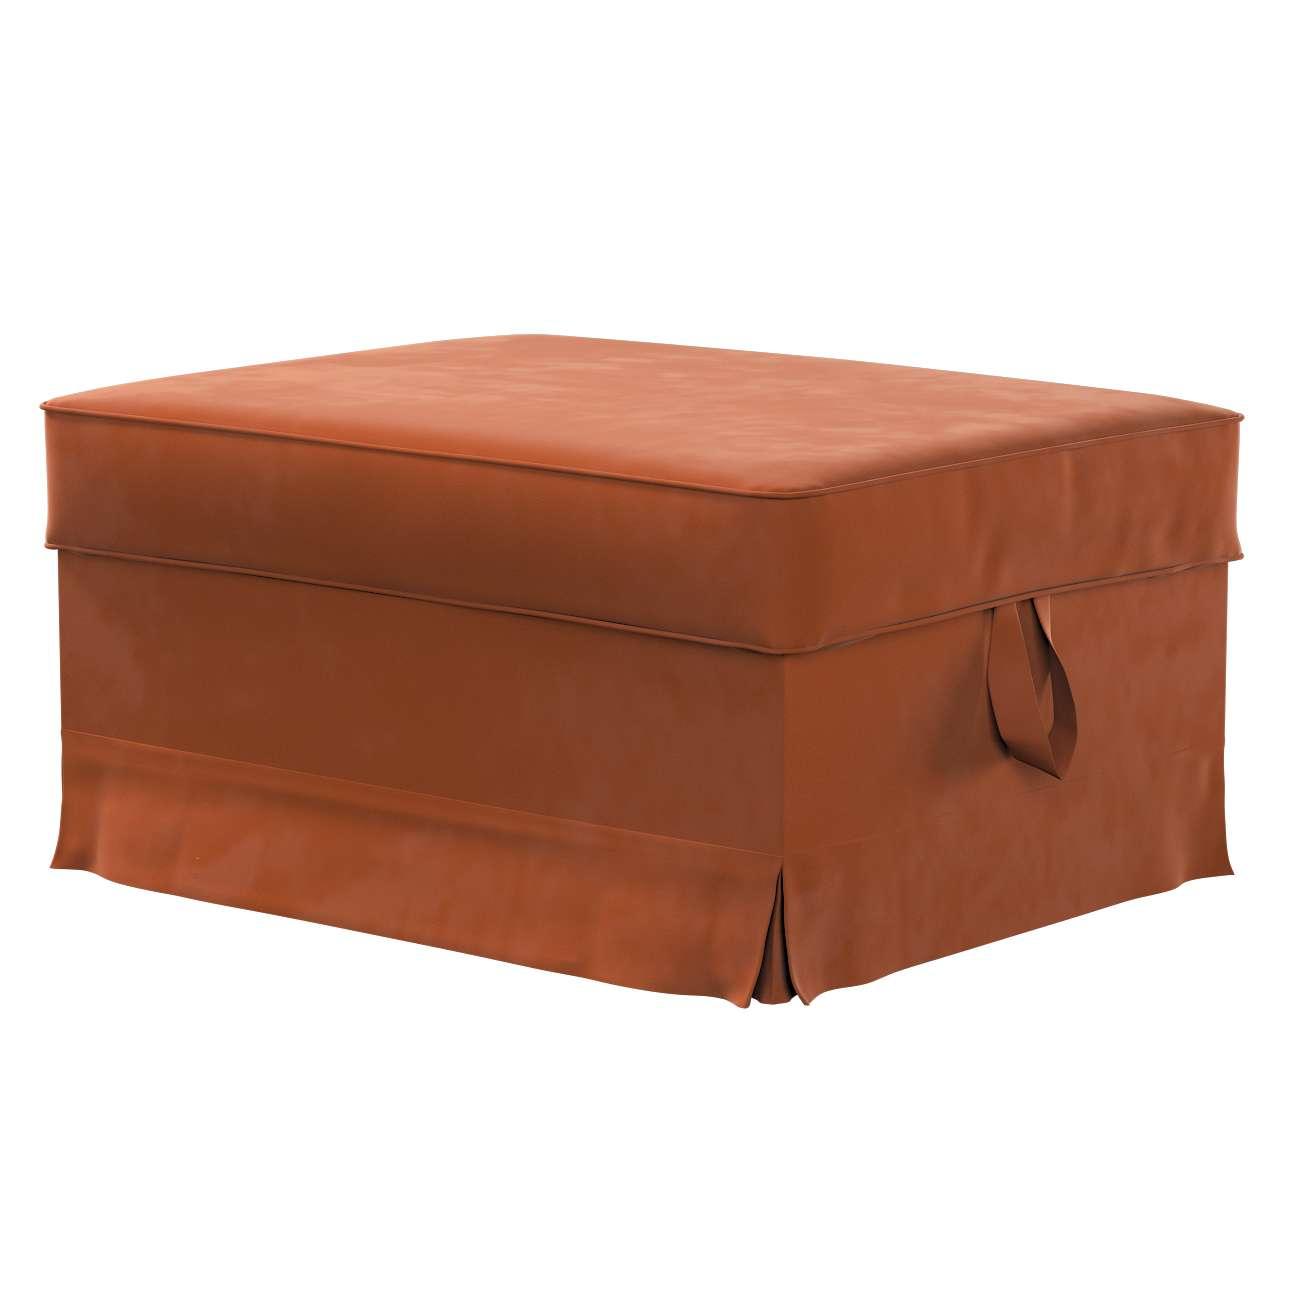 Velvet, braun-karamell